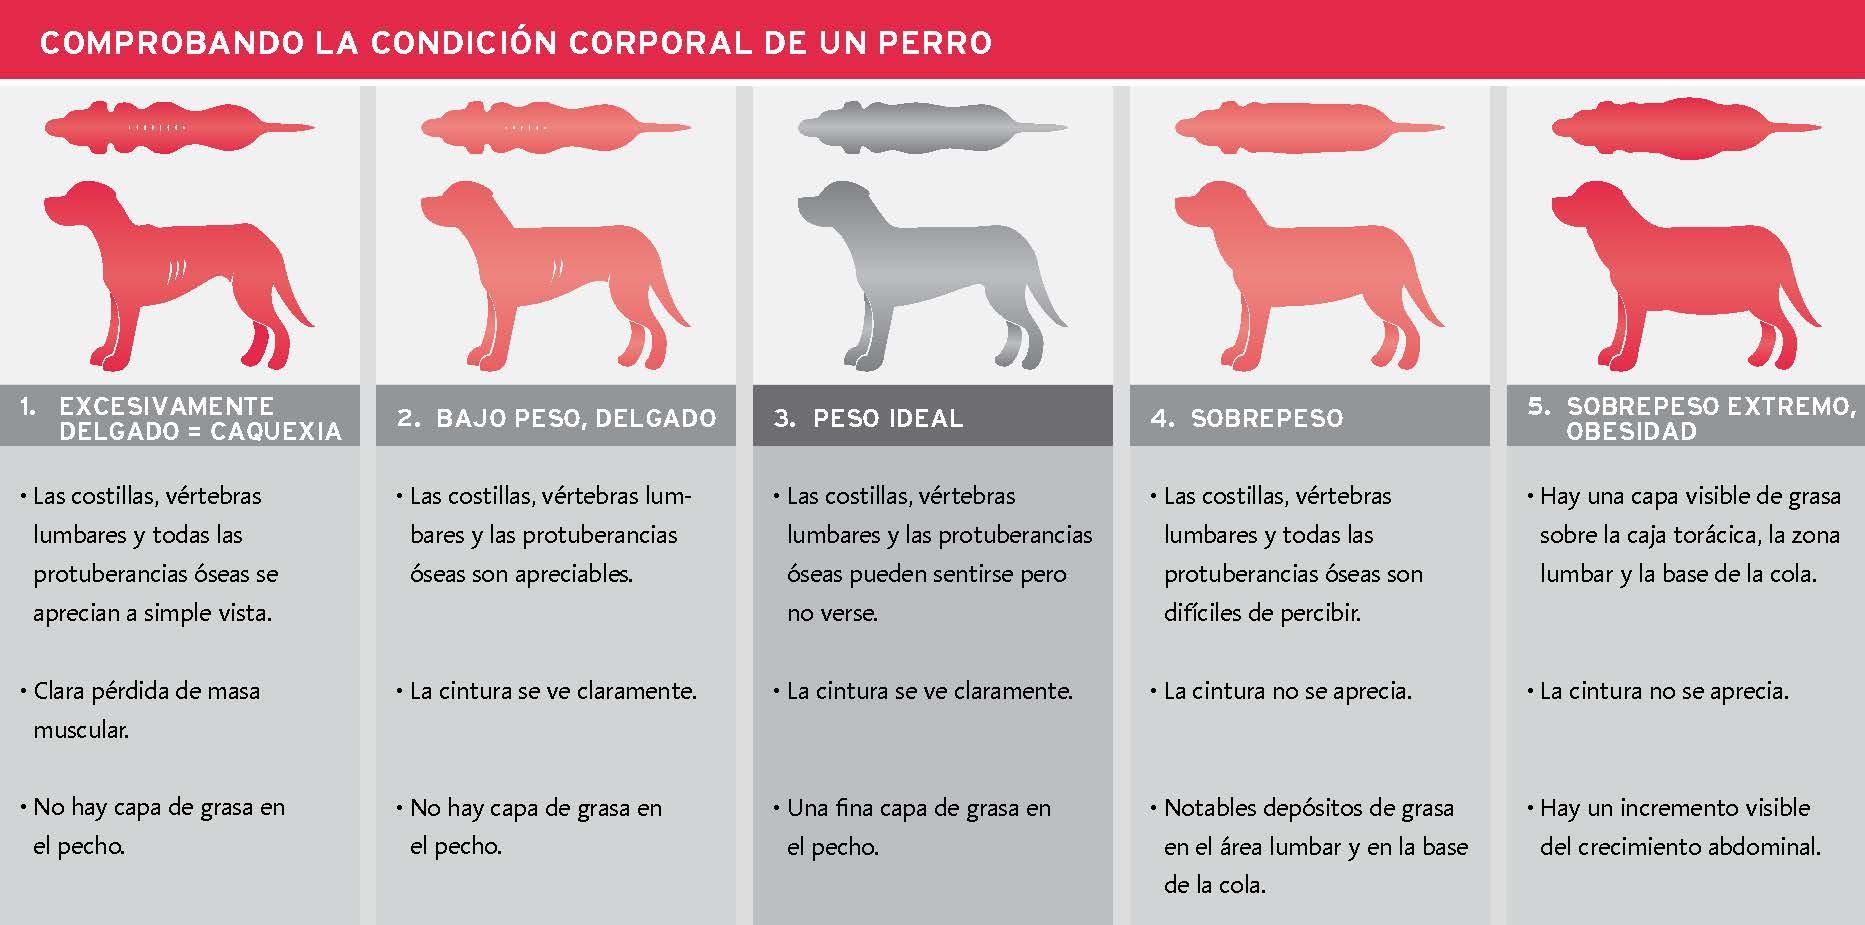 54 tabla condición corporal de un perro